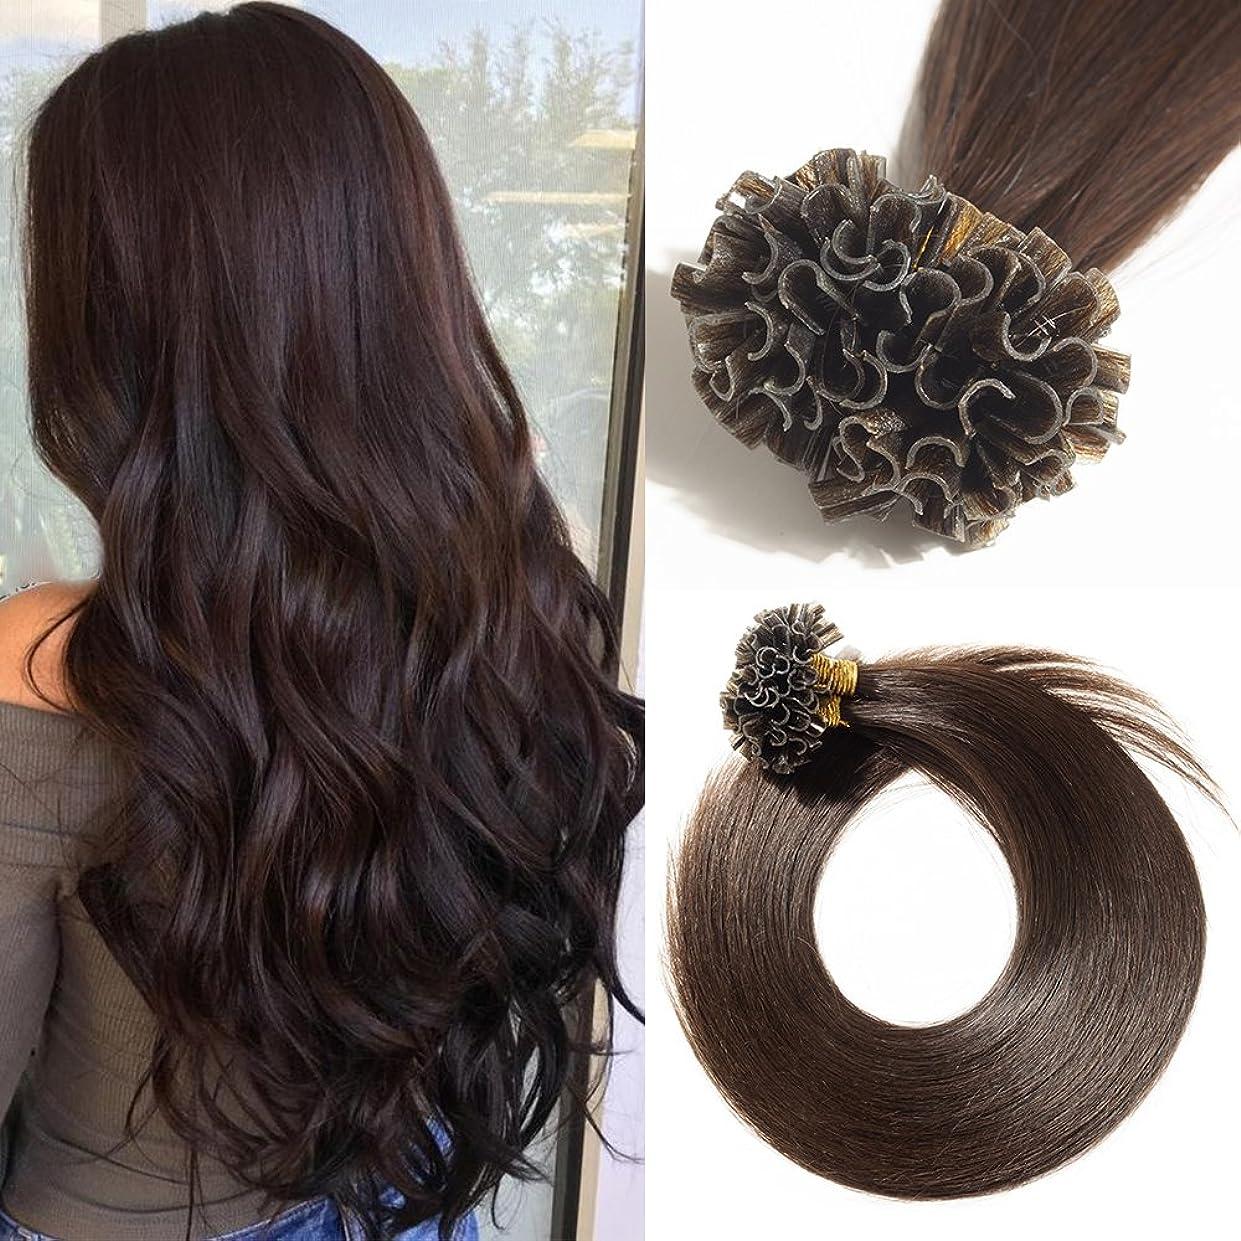 組み立てるクレーン必要条件結束済み人間の髪の毛の拡張子200ストランドUチップネイルチップケラチンレミーストレート(22